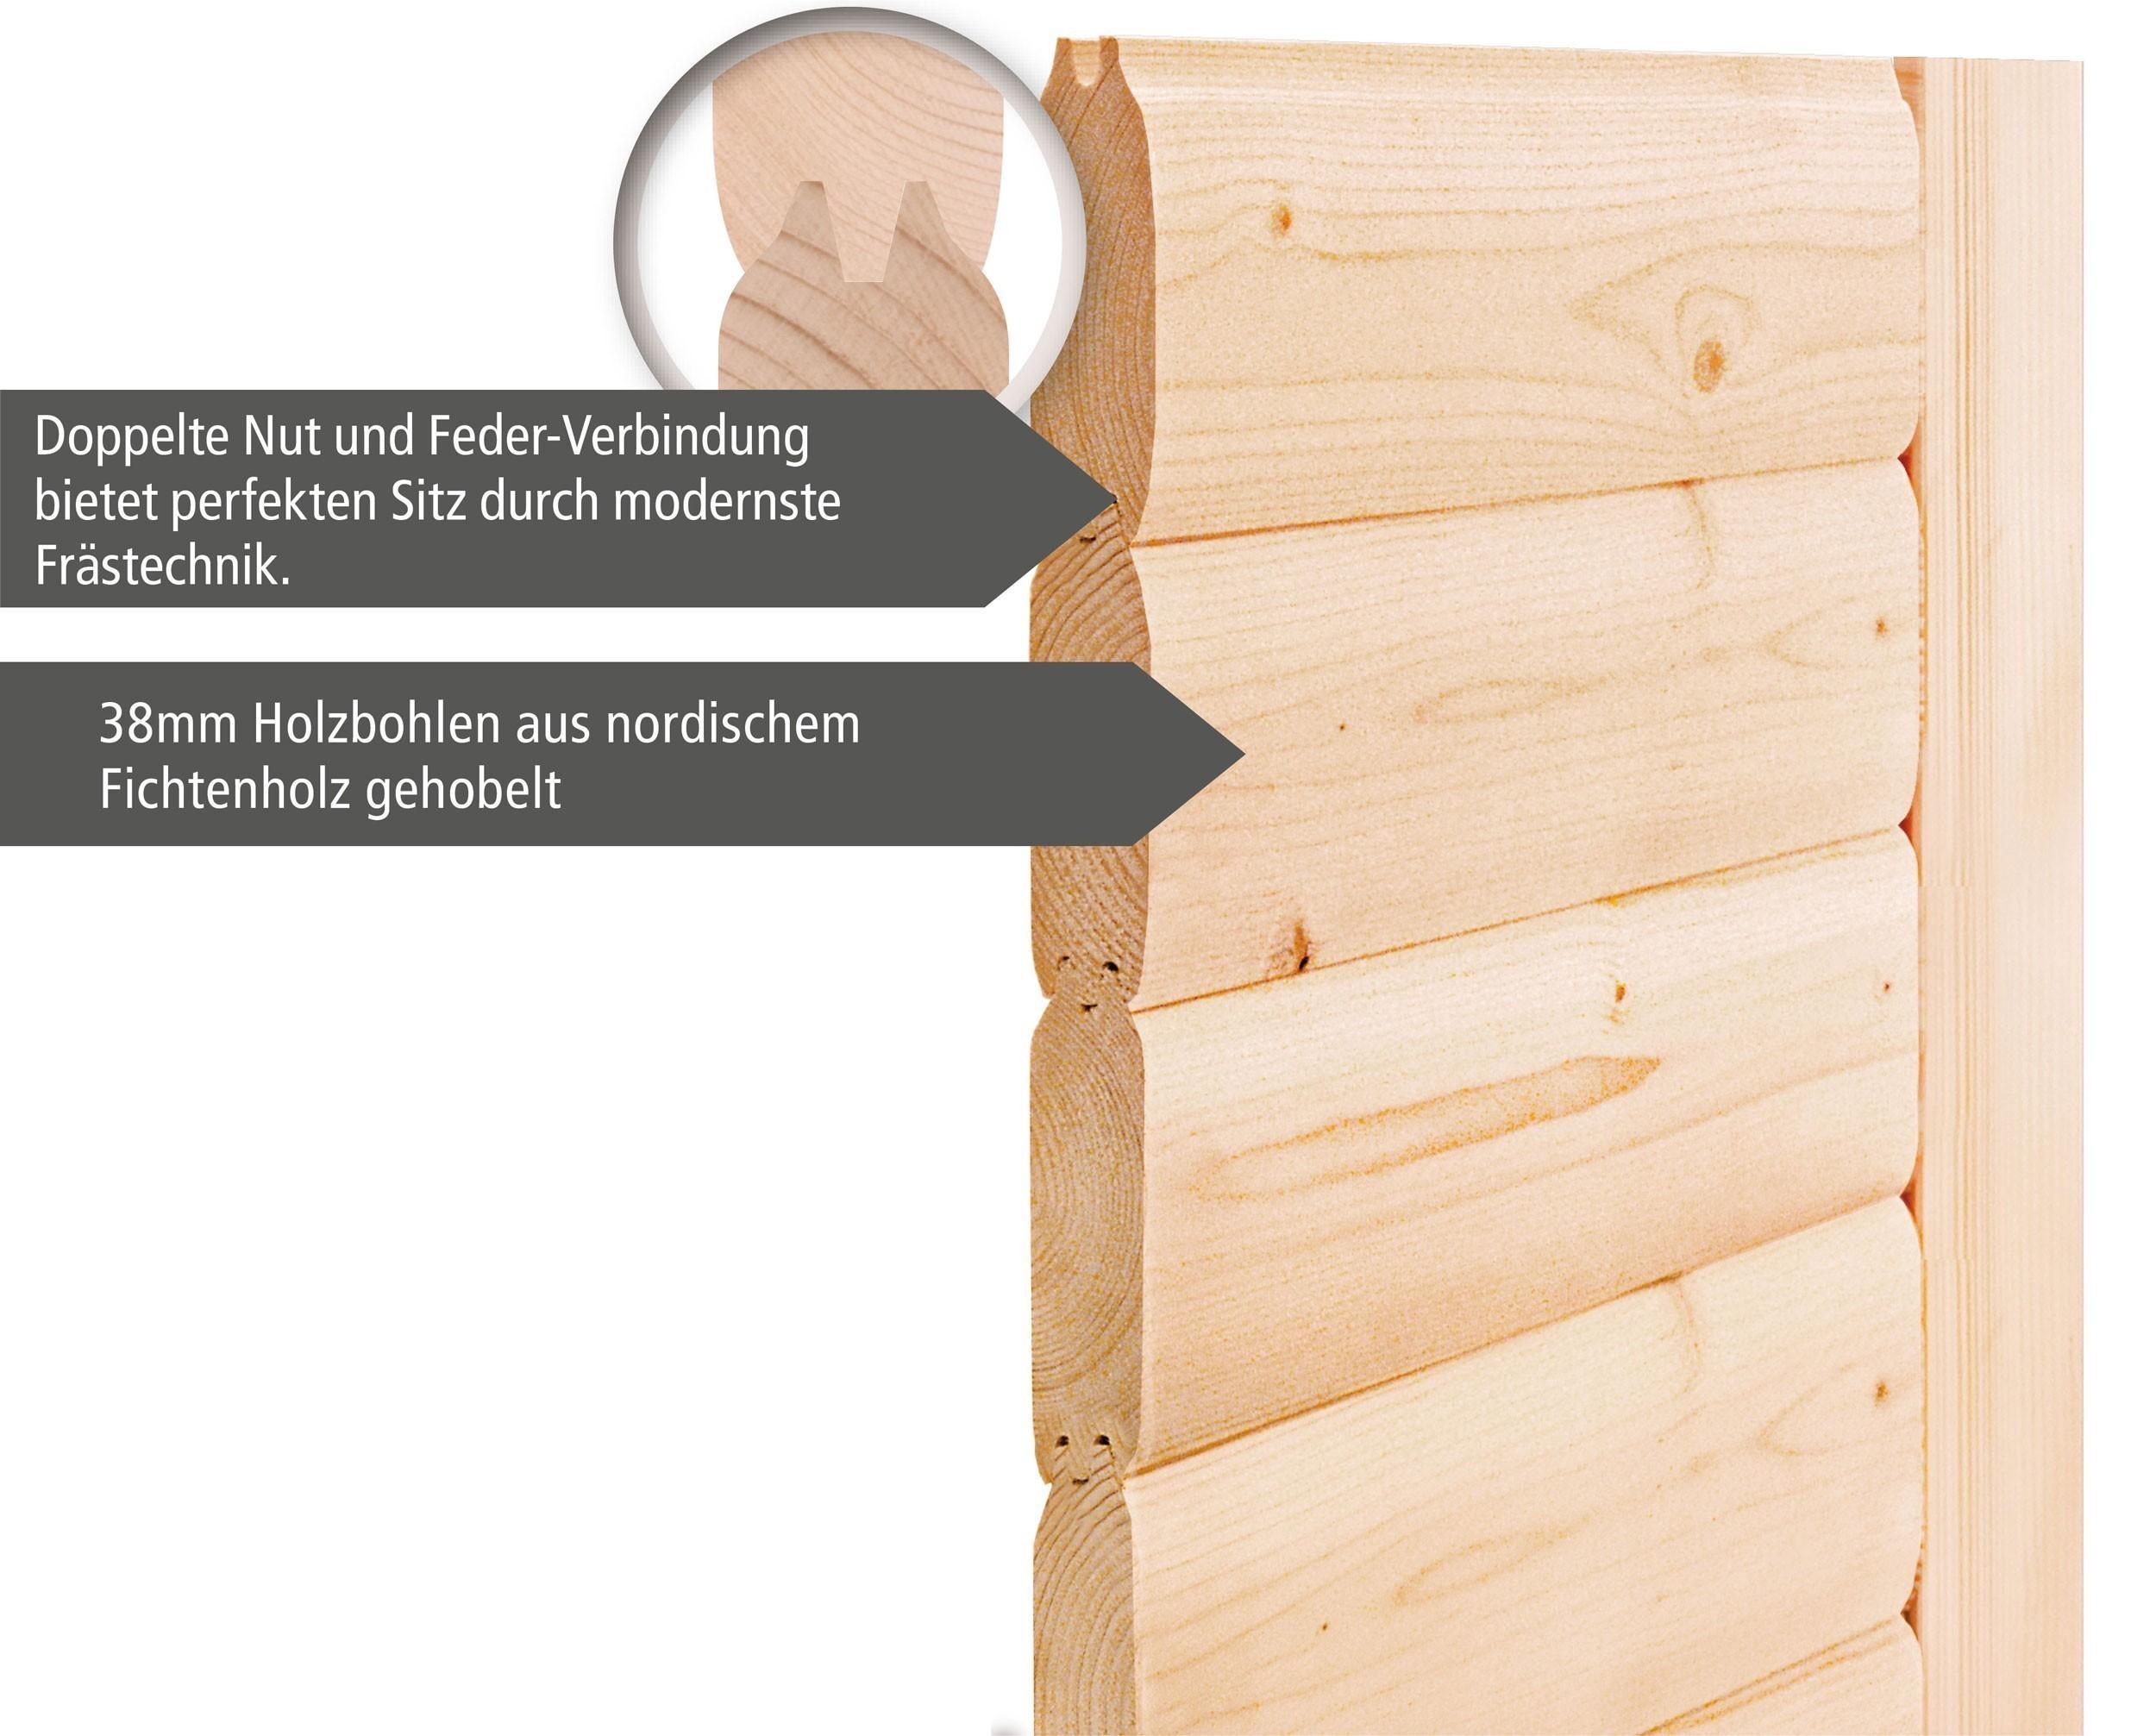 WoodFeeling Sauna Svea 38mm mit Saunaofen 9 kW extern classic Tür Bild 6